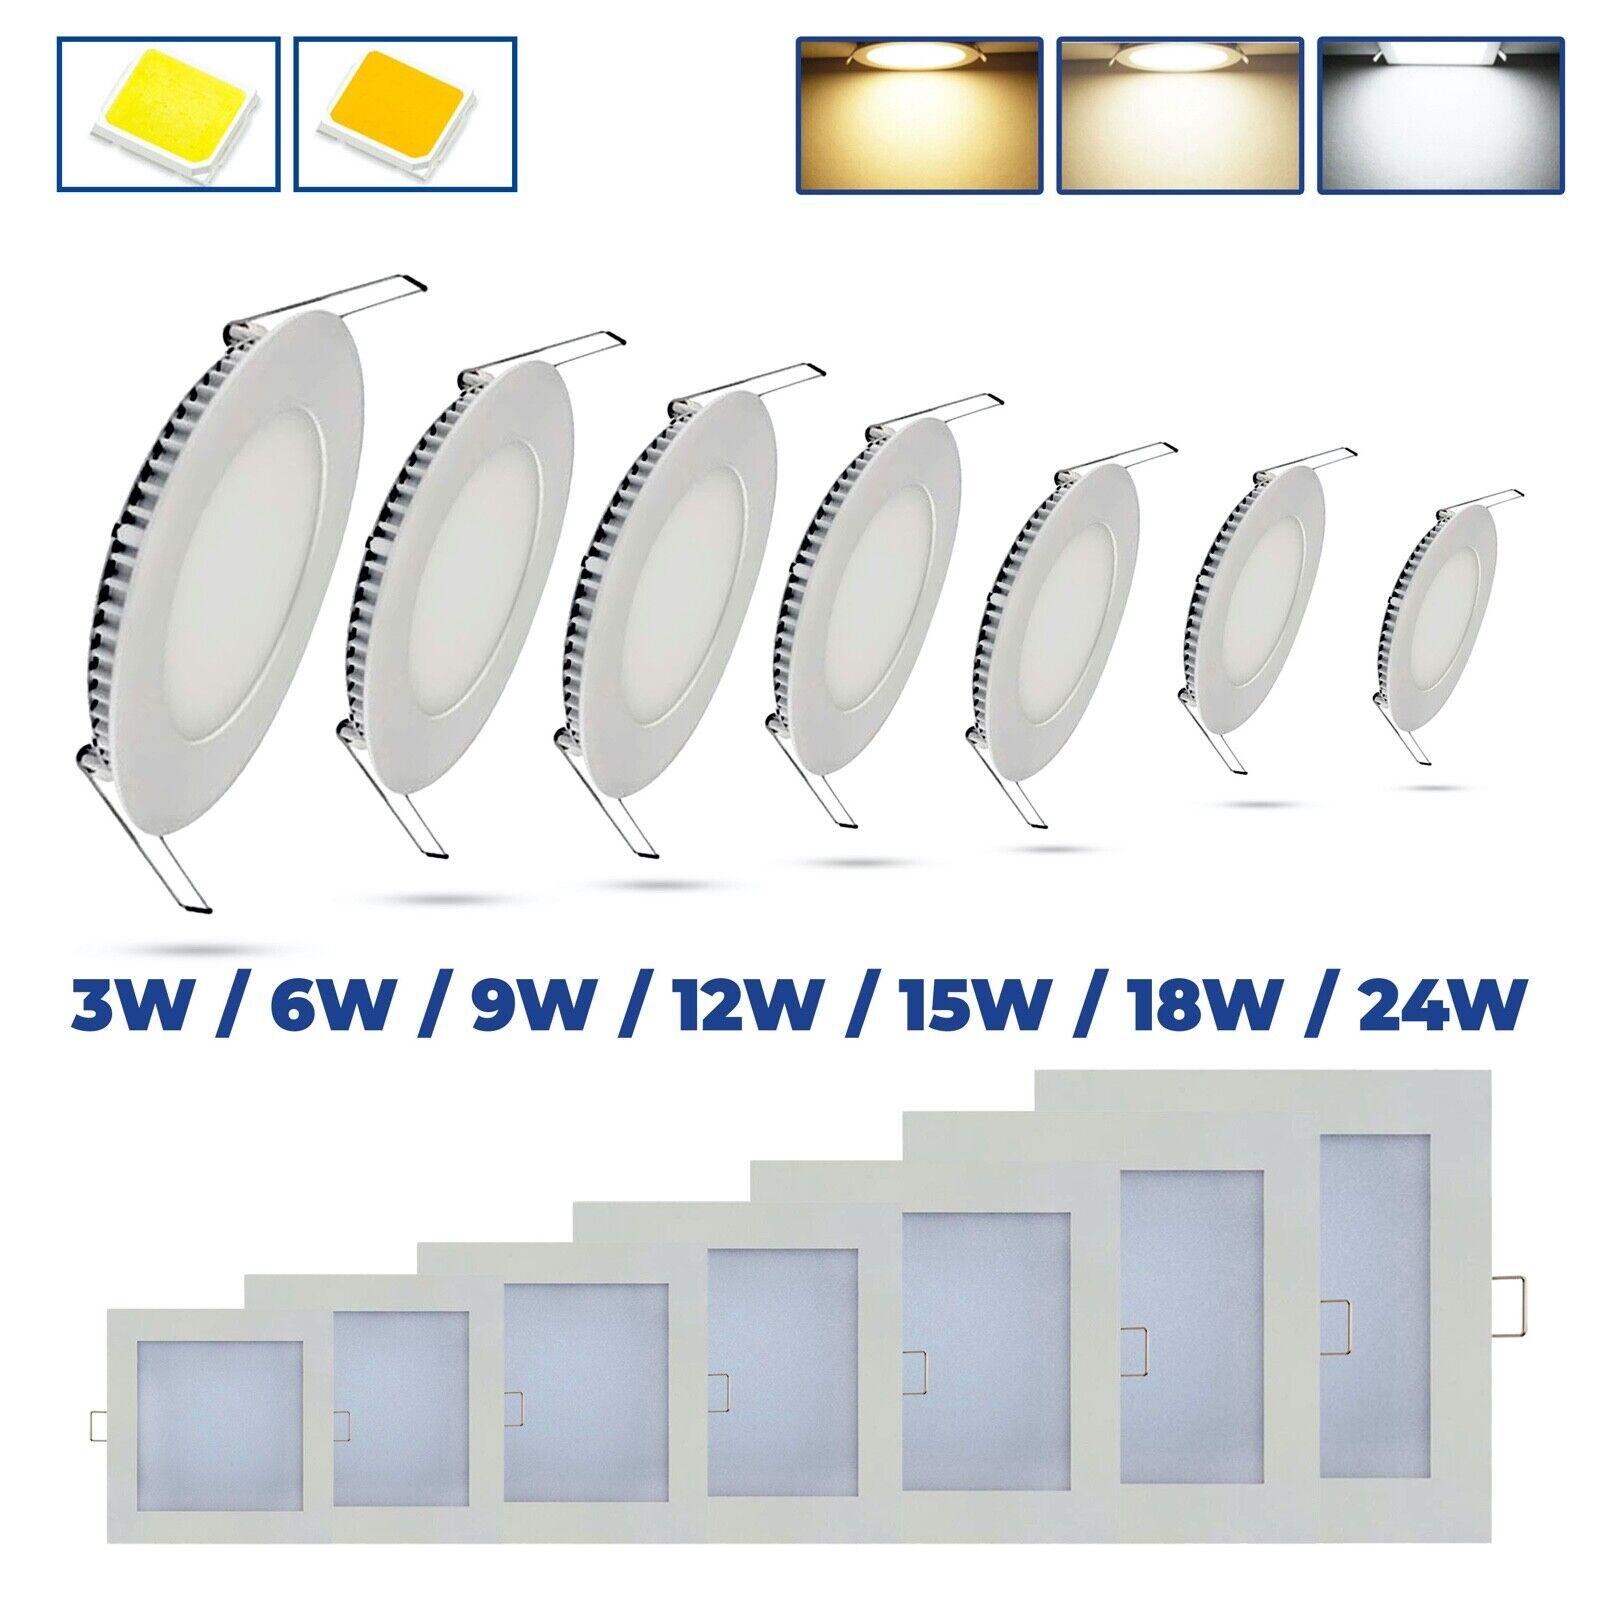 LED Panel Ultraslim Einbaustrahler Einbauleuchte Deckenleuchte flach rund eckig